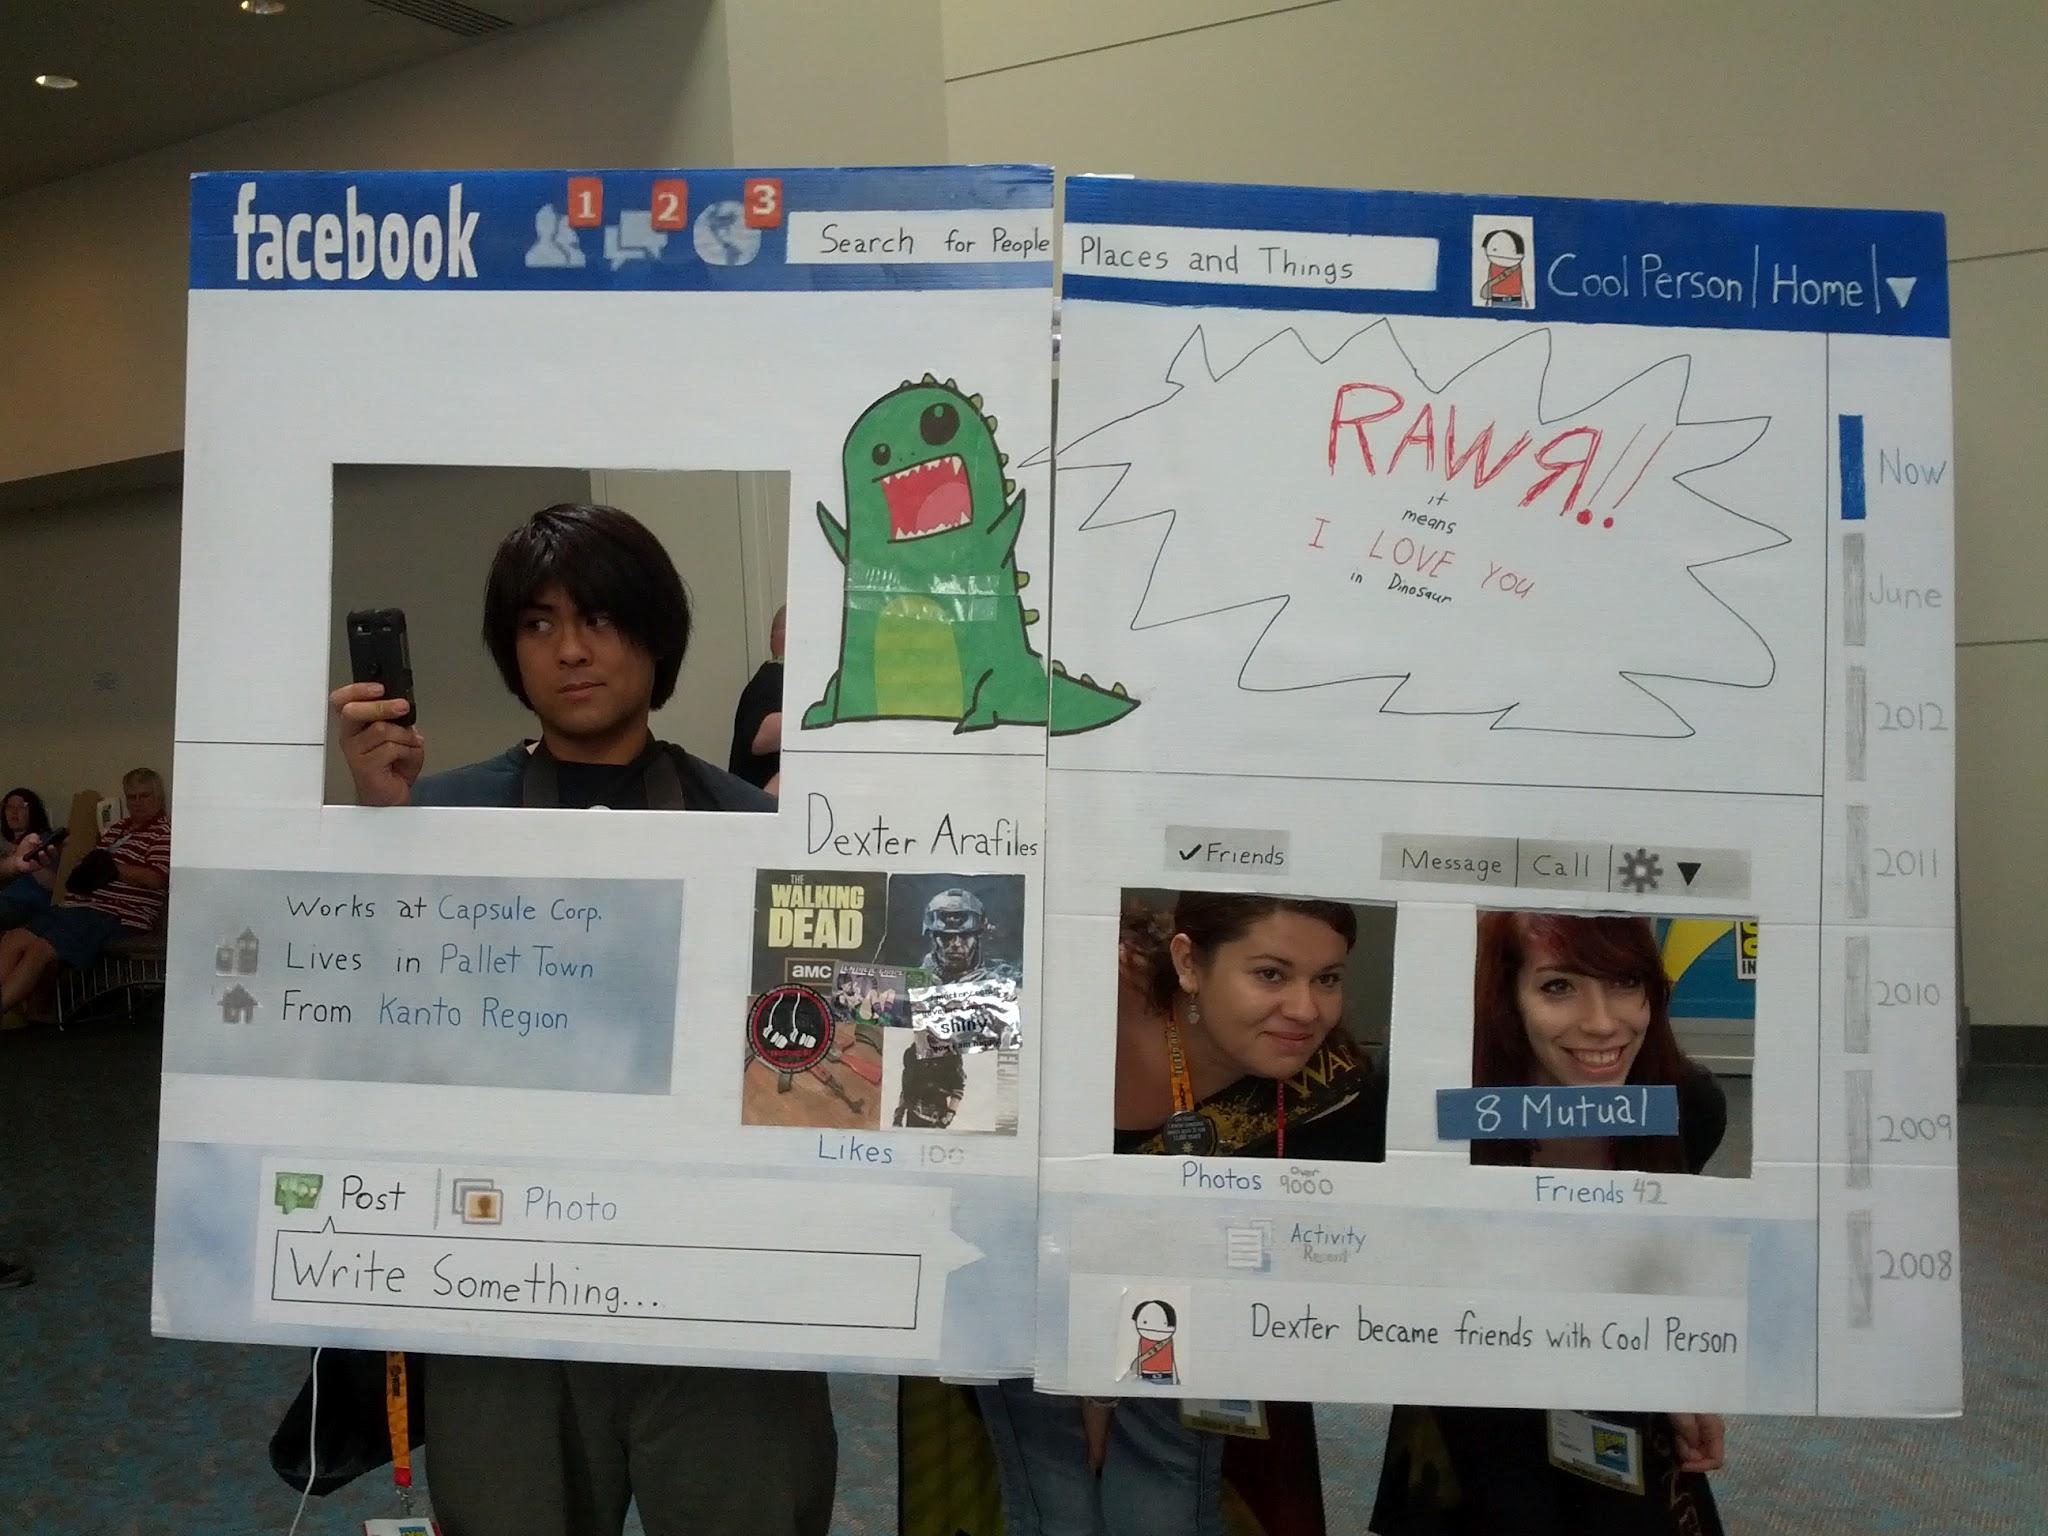 Facebook Comic-Con